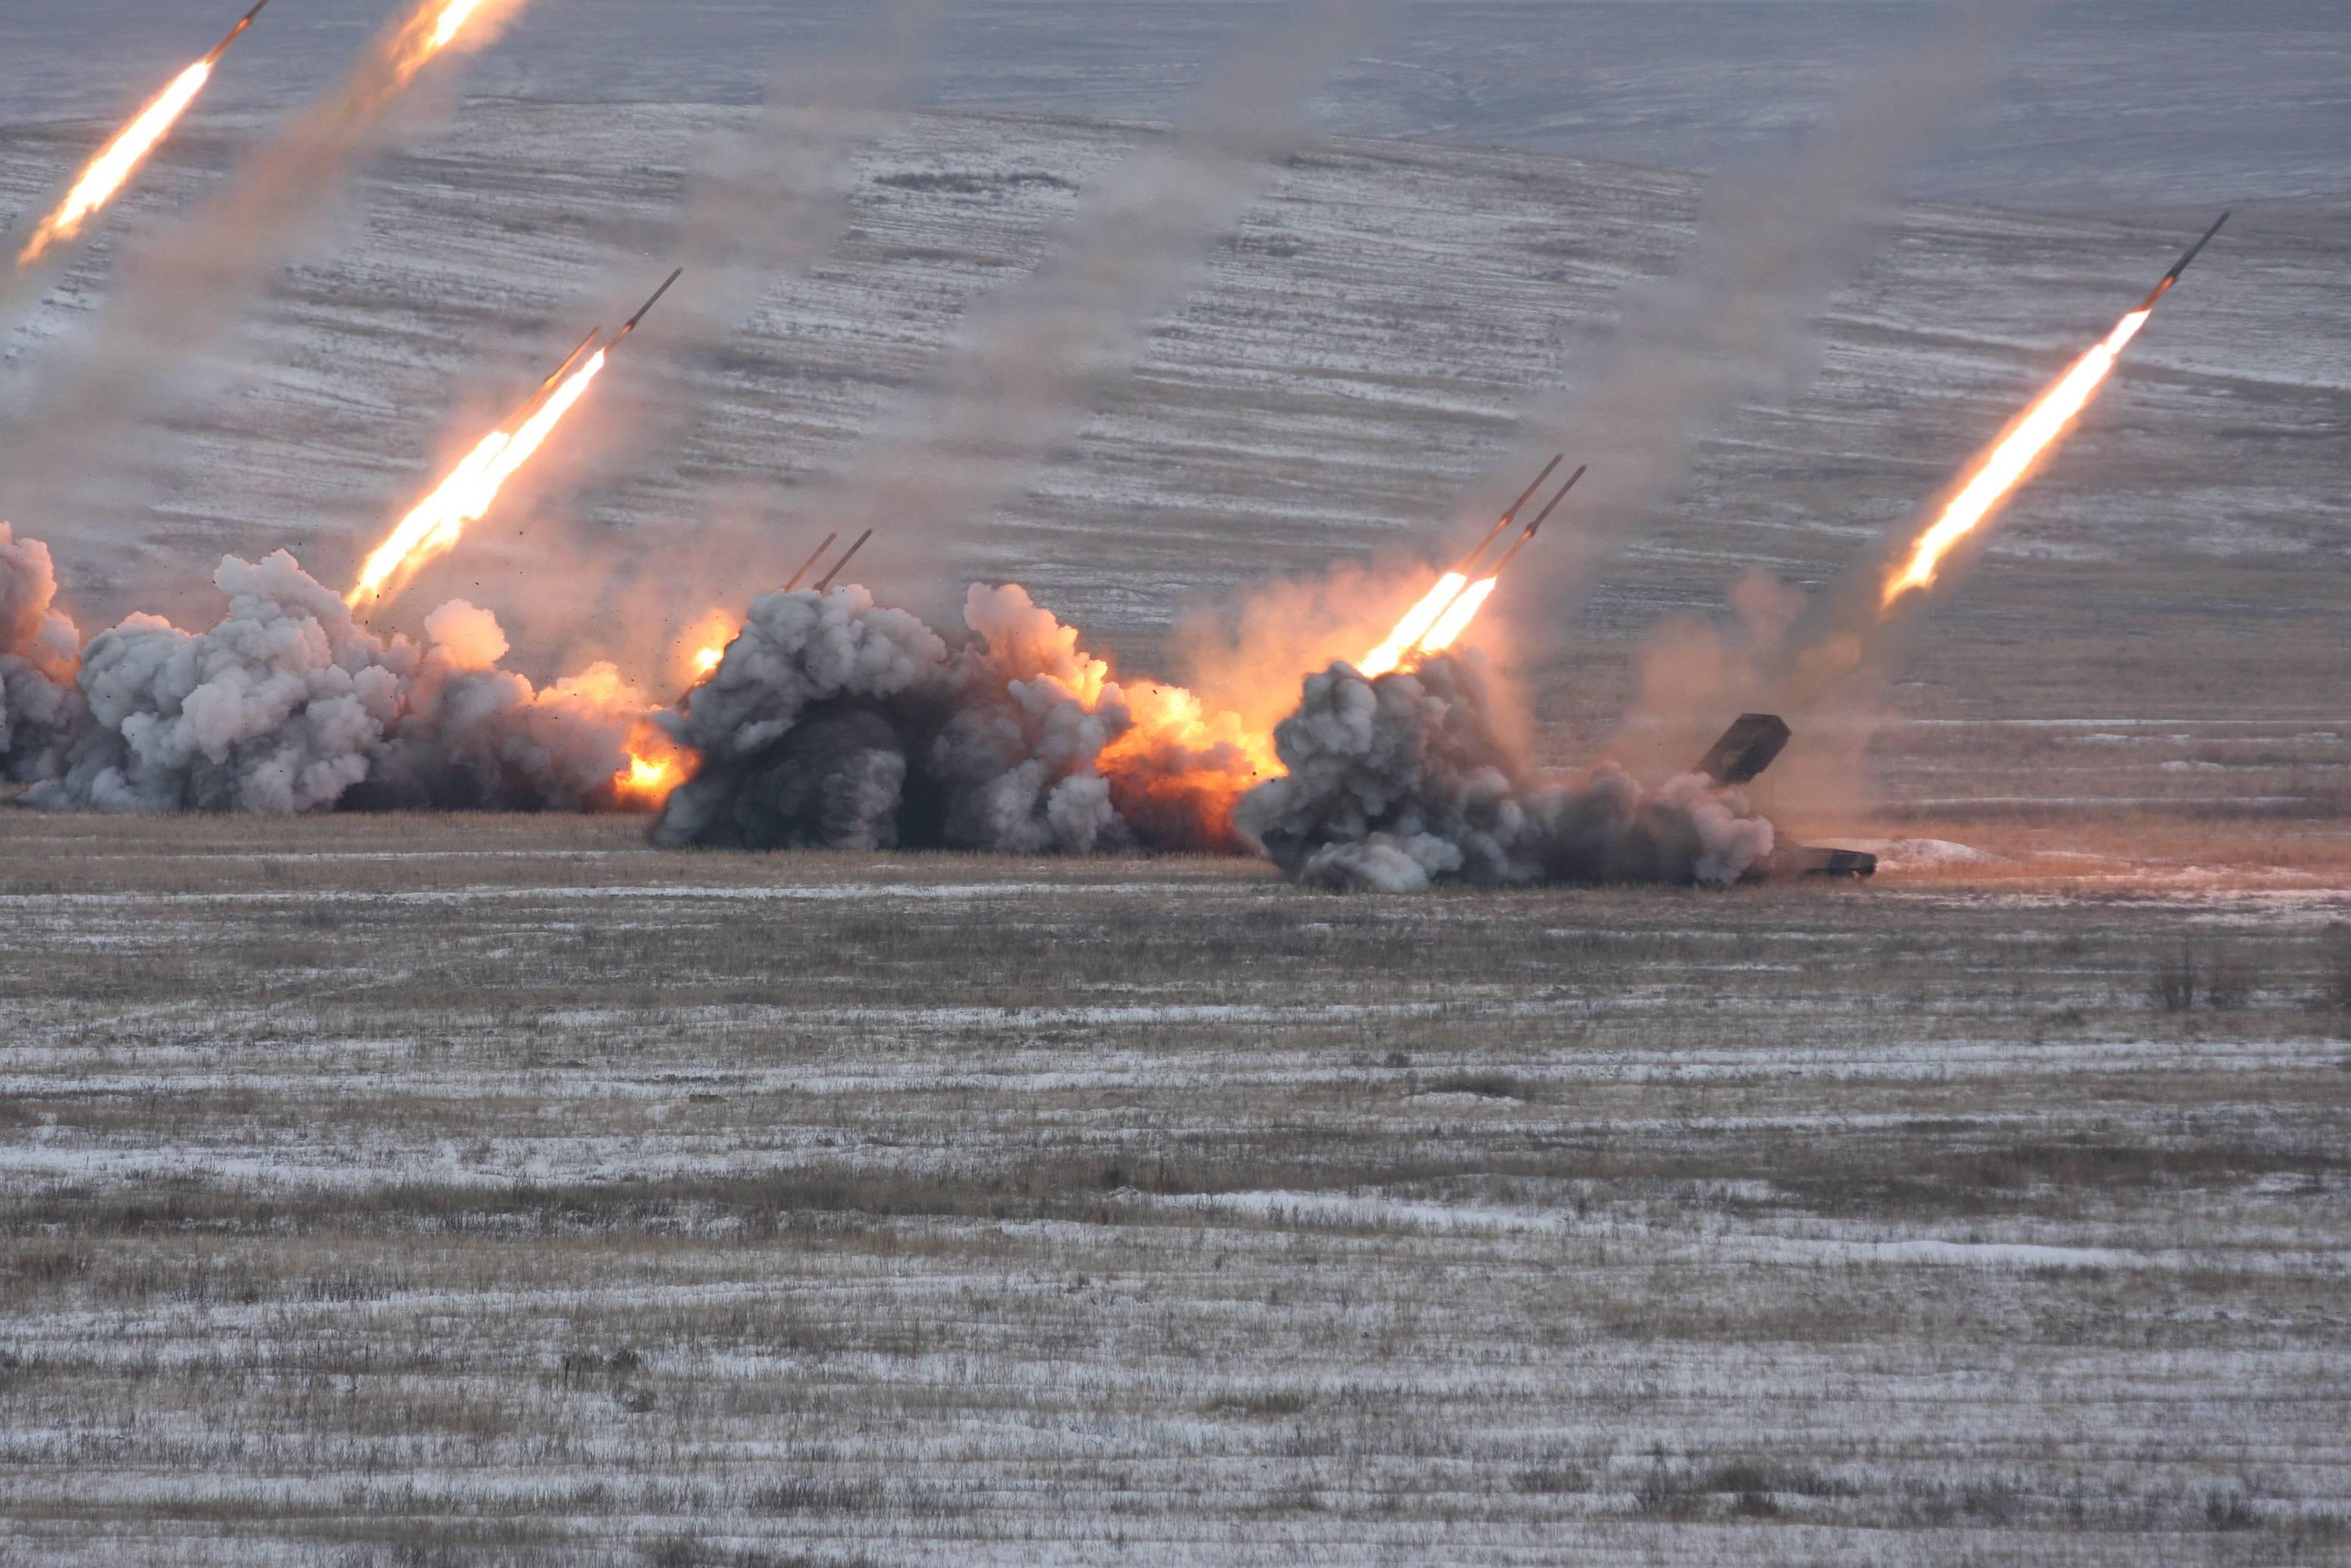 რუსები 220 მმ კალიბრიანი tos-1 ტიპის ზალპური ცეცხლის რეაქტიული სისტემებით ბომბავენ ისლამისტების პოზიციებს